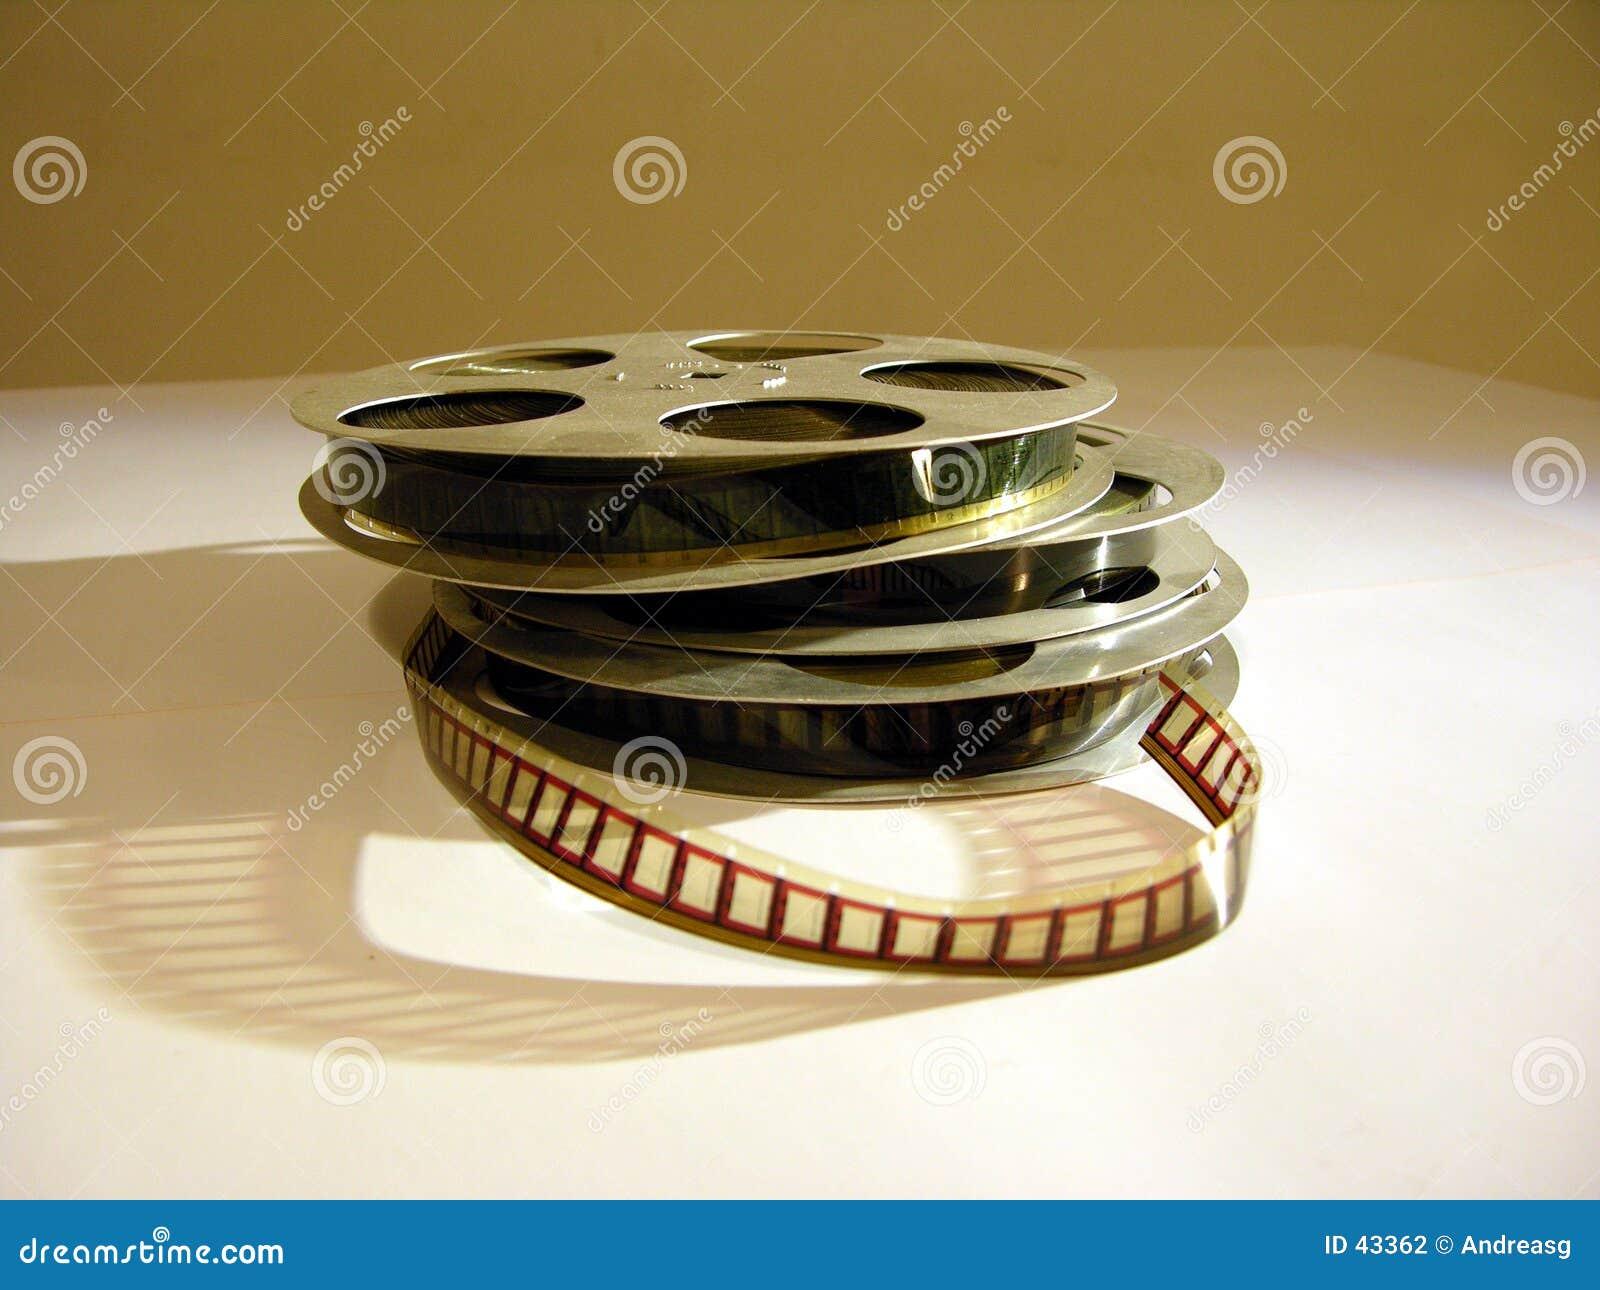 16mm filmy.